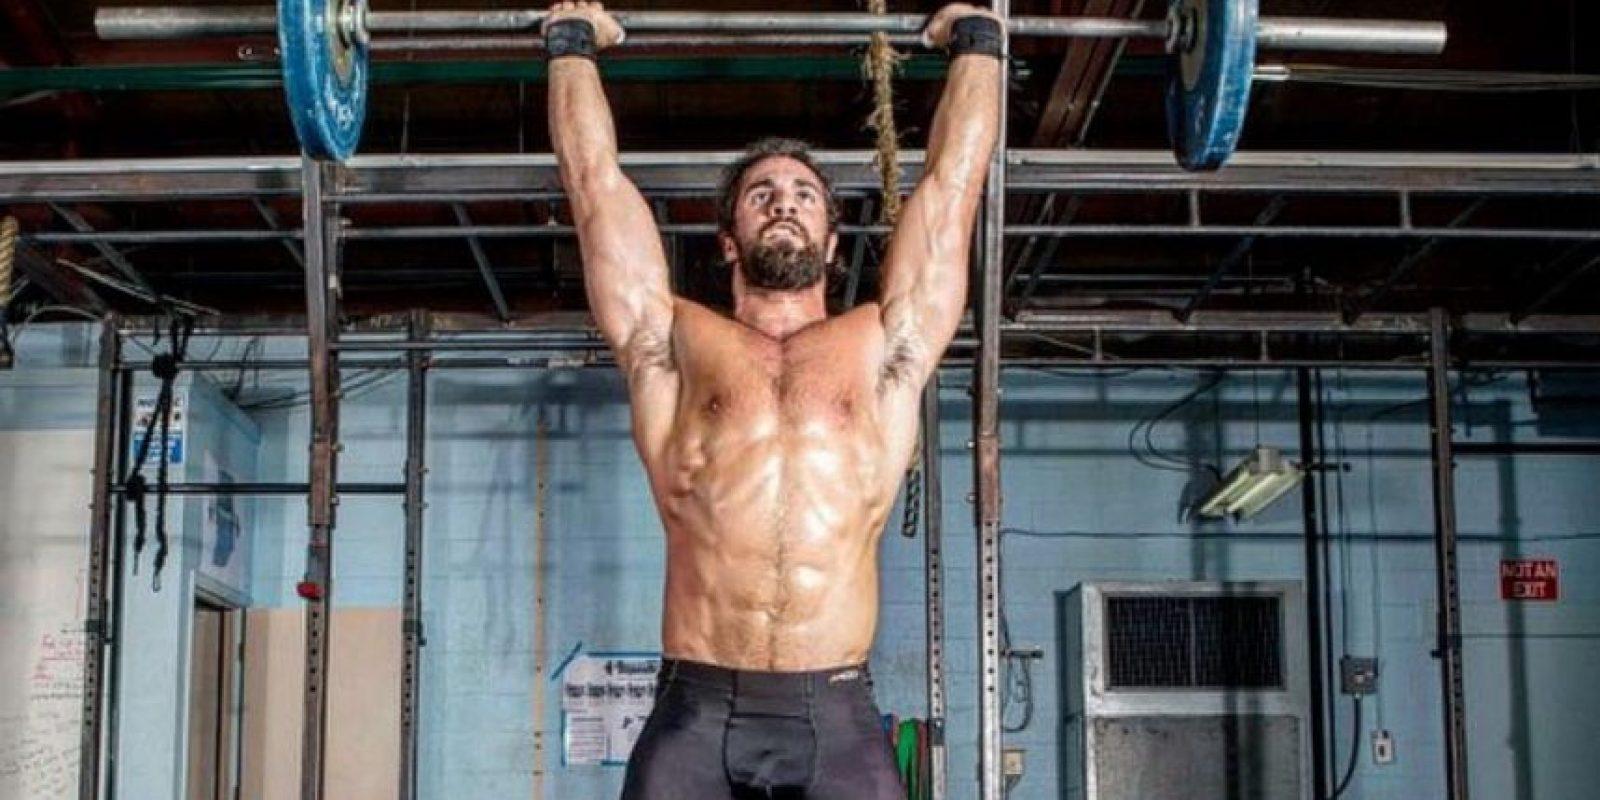 La exmujer de Rollins publicó una imagen del luchador desnudo Foto:Vía instgaram.com/wwerollins